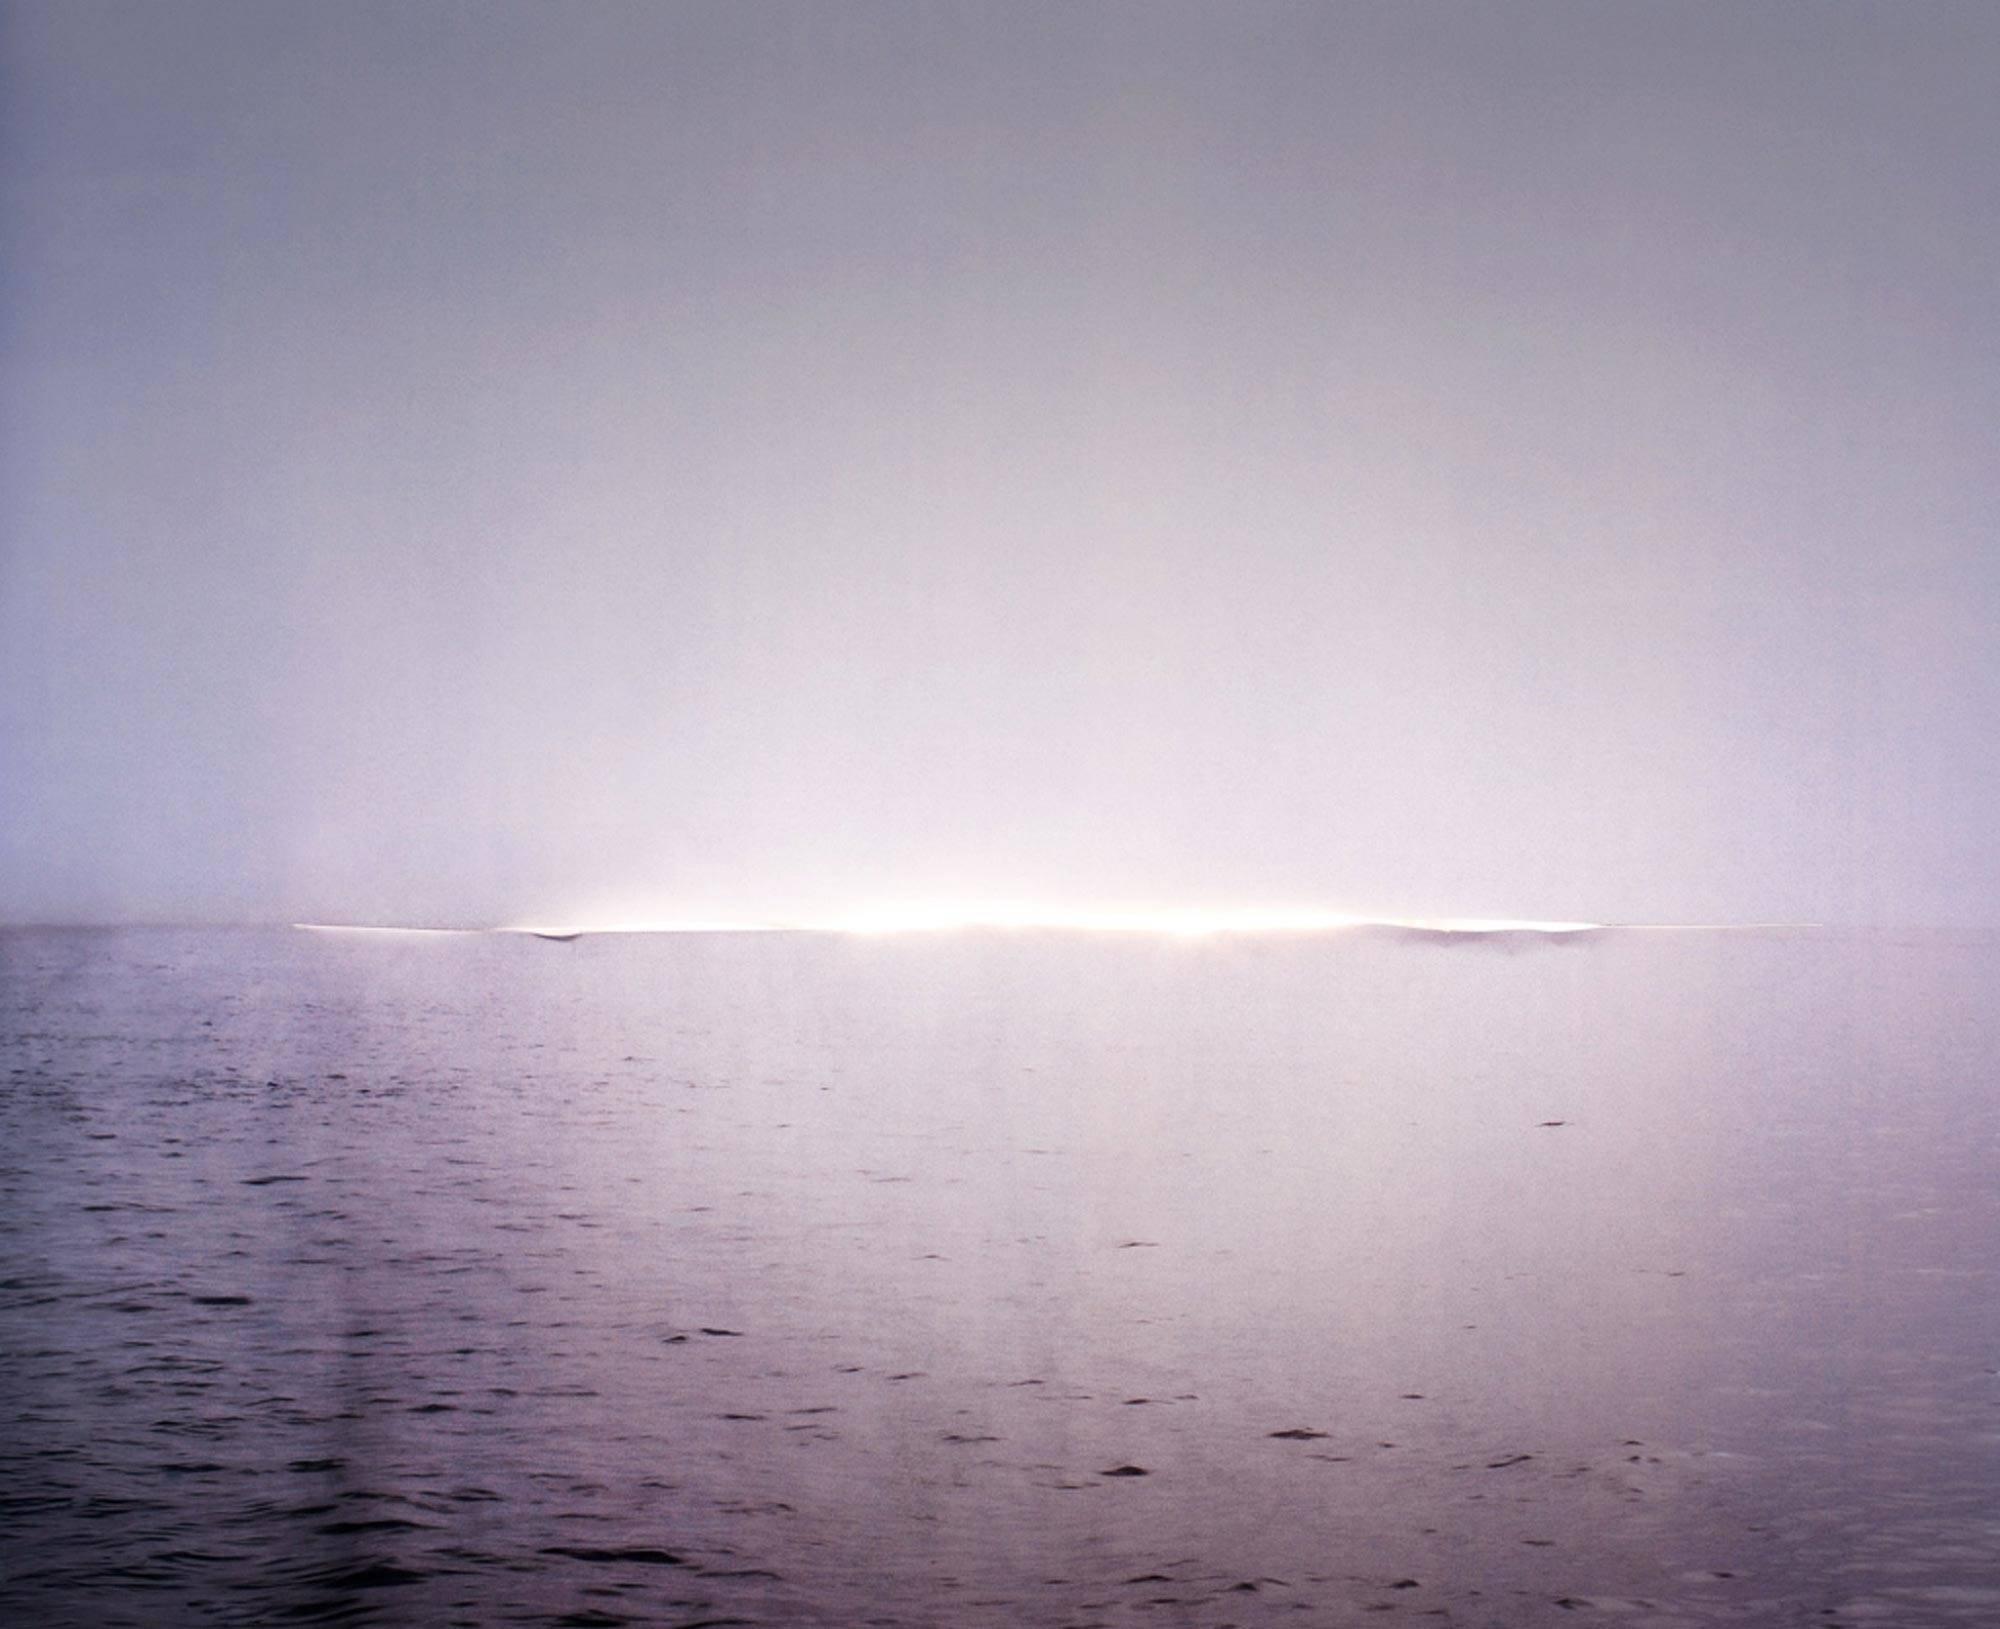 Douglas-Mandry-promisedland-Photo_002